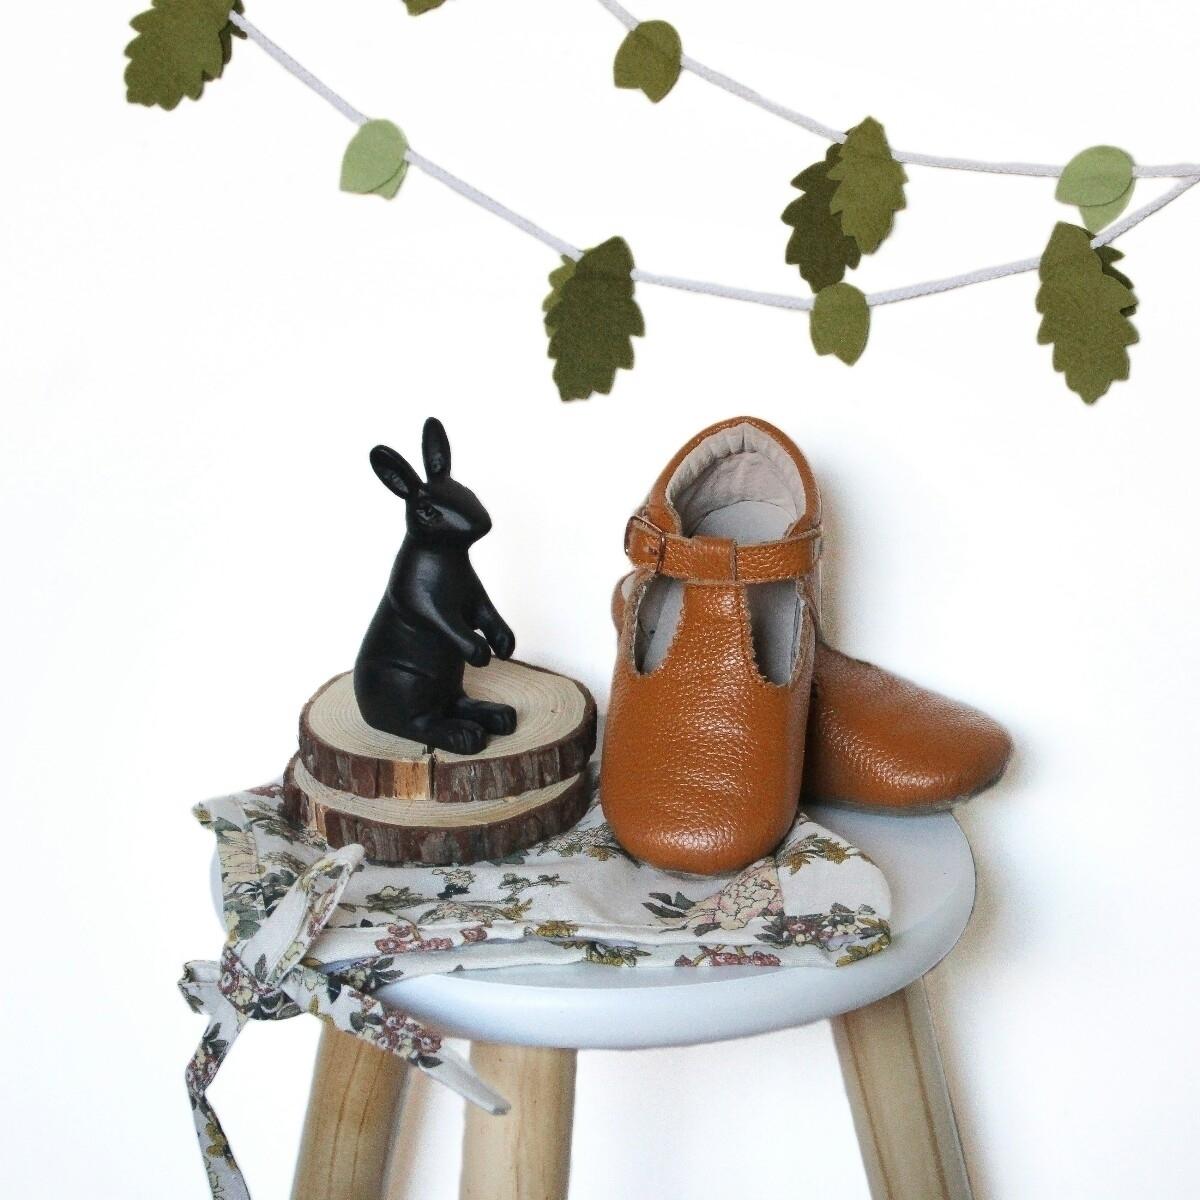 Leaf Garland Shoes Bonnet - evies_adventures   ello